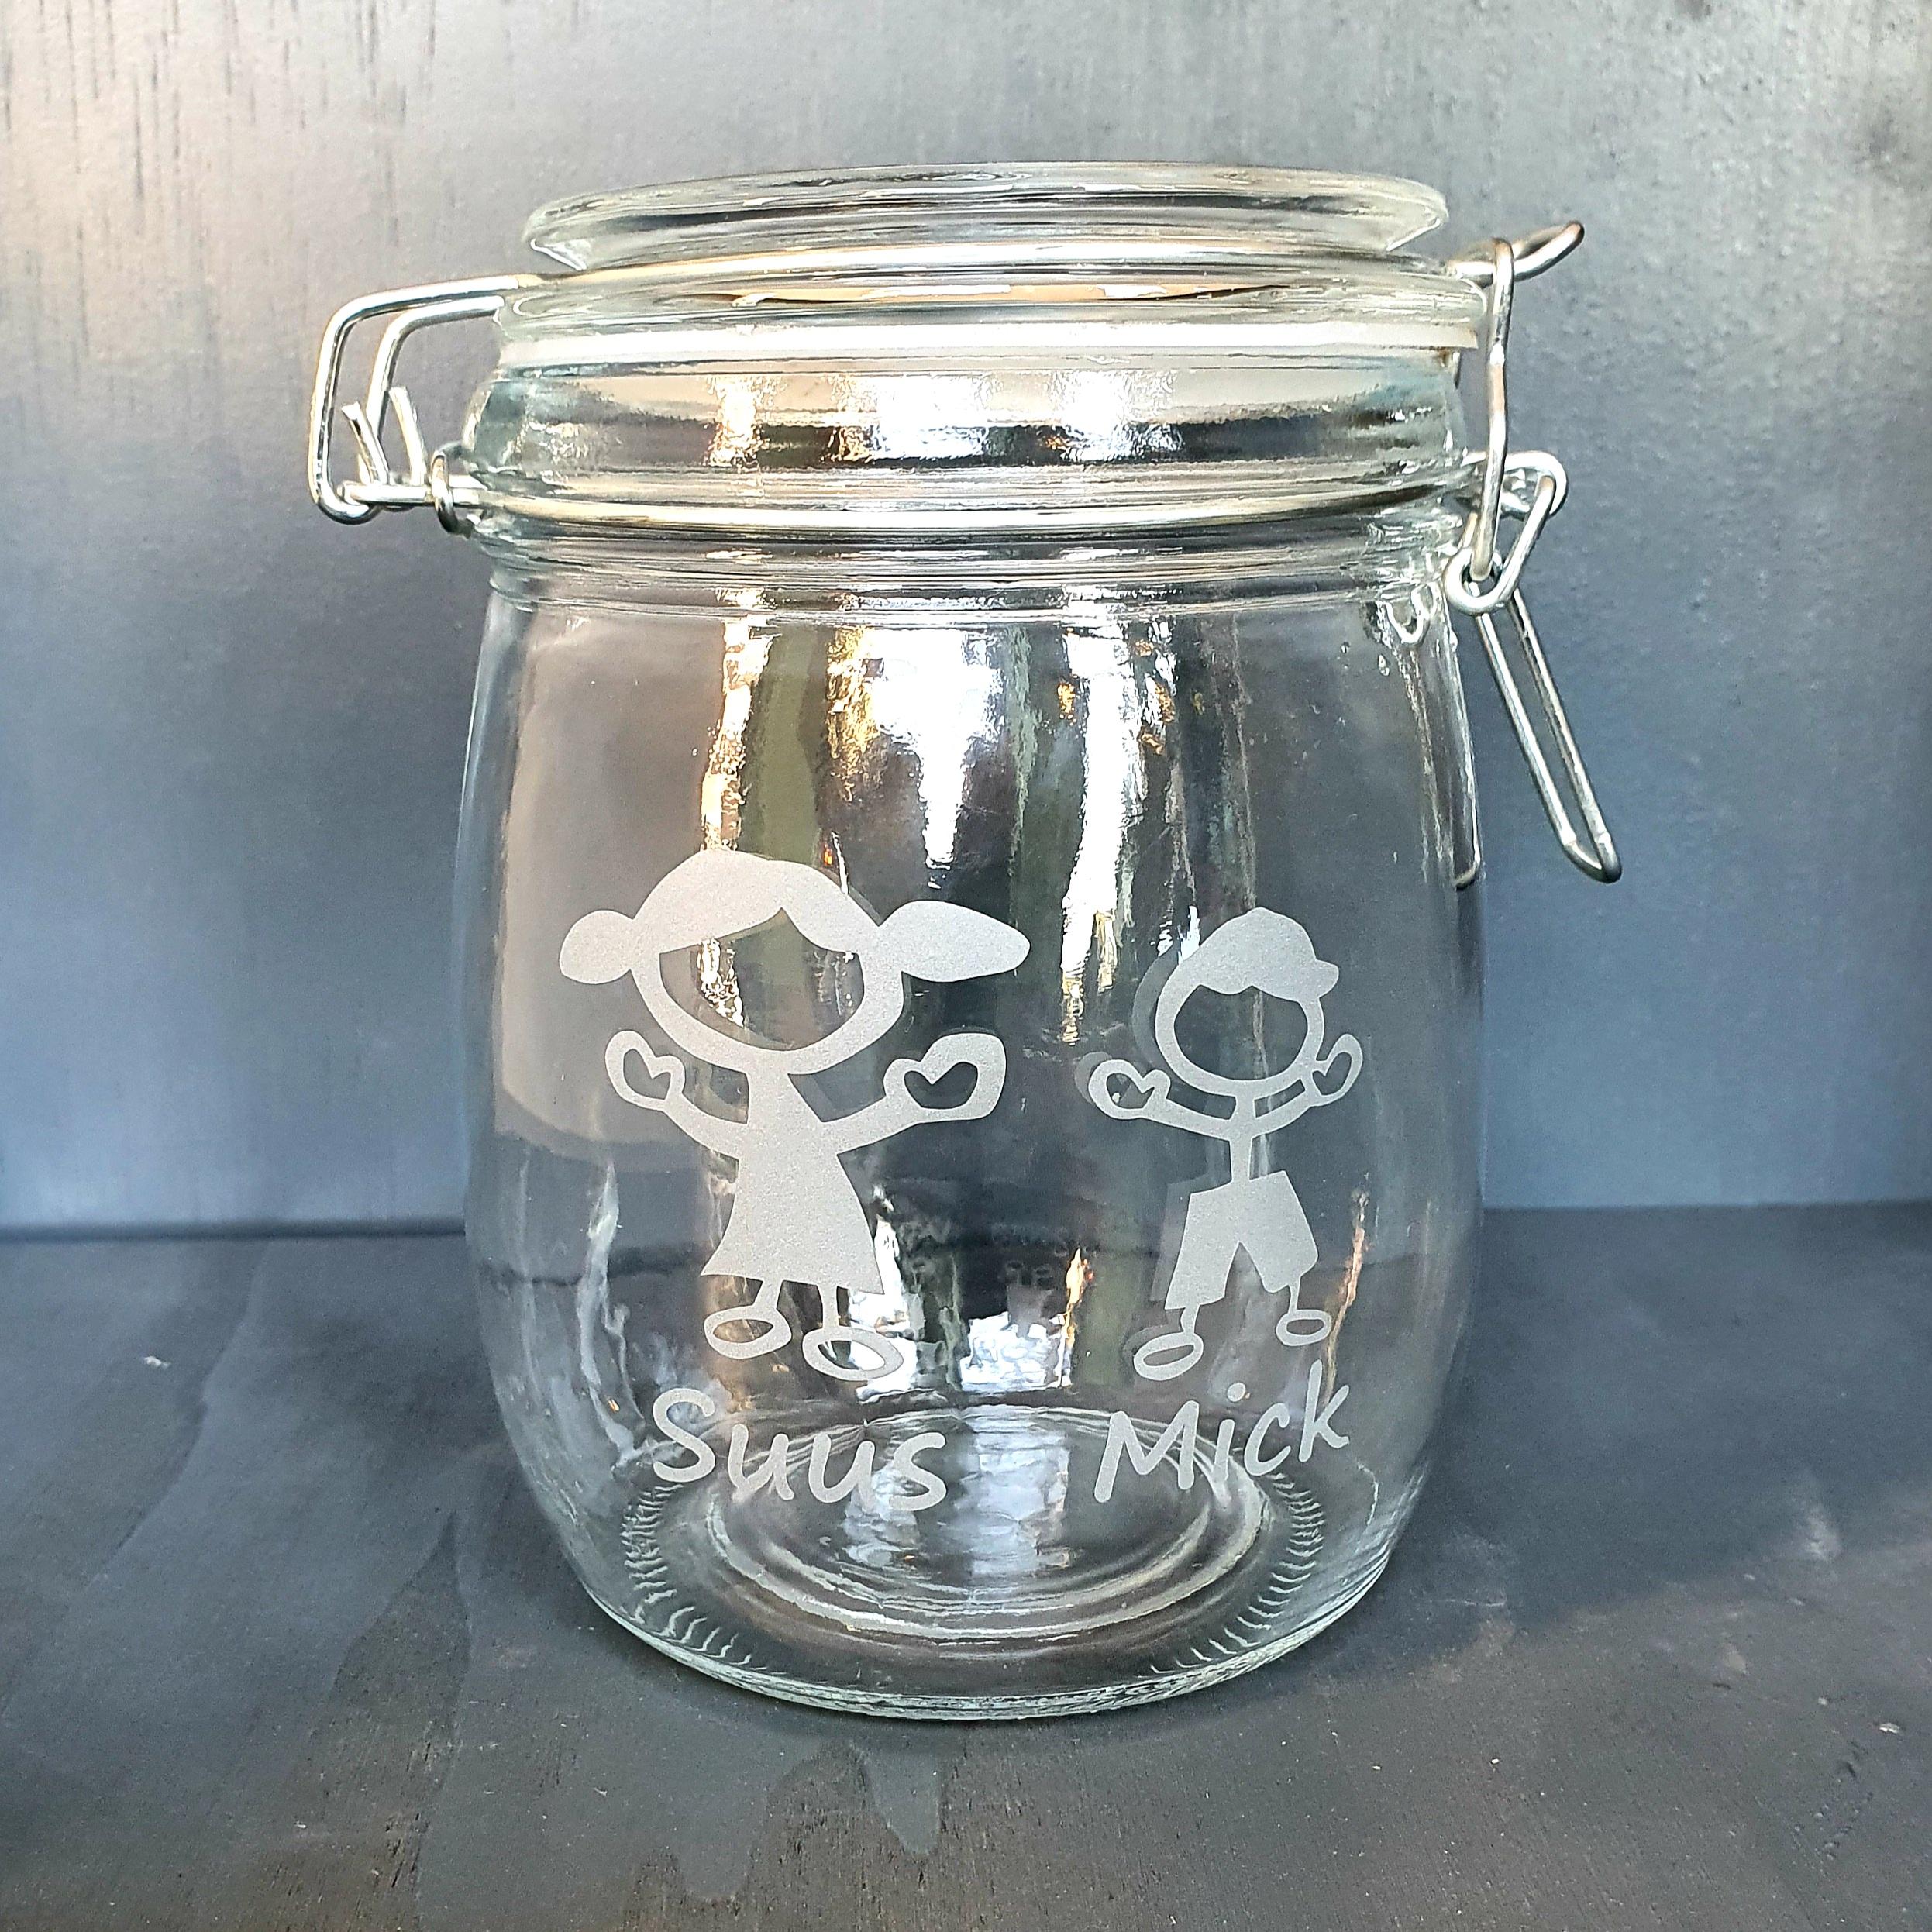 snoeppot- kindertekening-geboortegeschenk